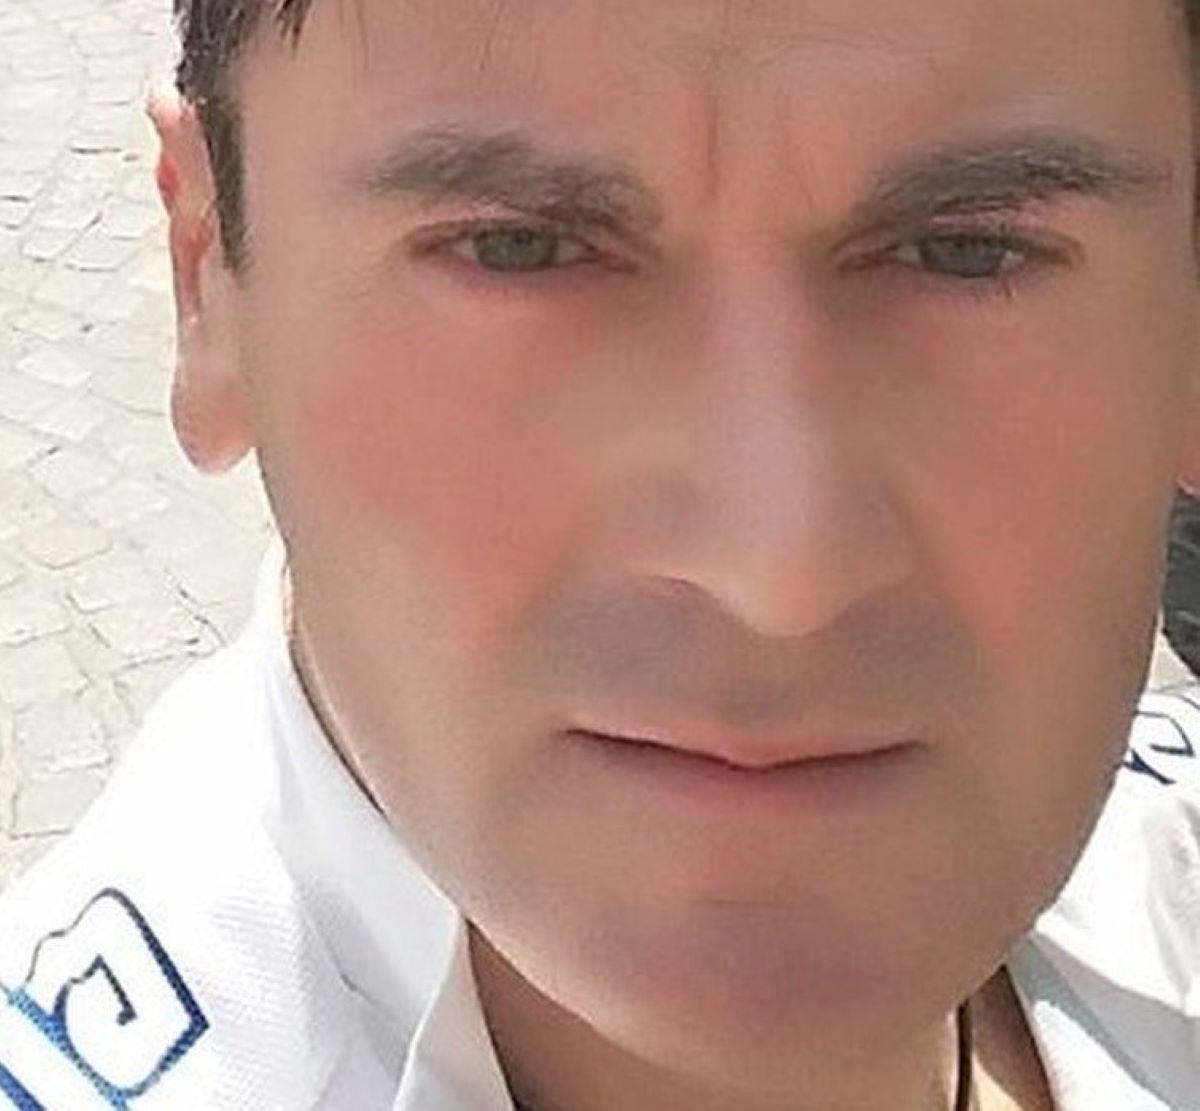 Franco Pavan Lutto Giornalismo Morto Dopo Oltre Mese Agonia Incidente Bici